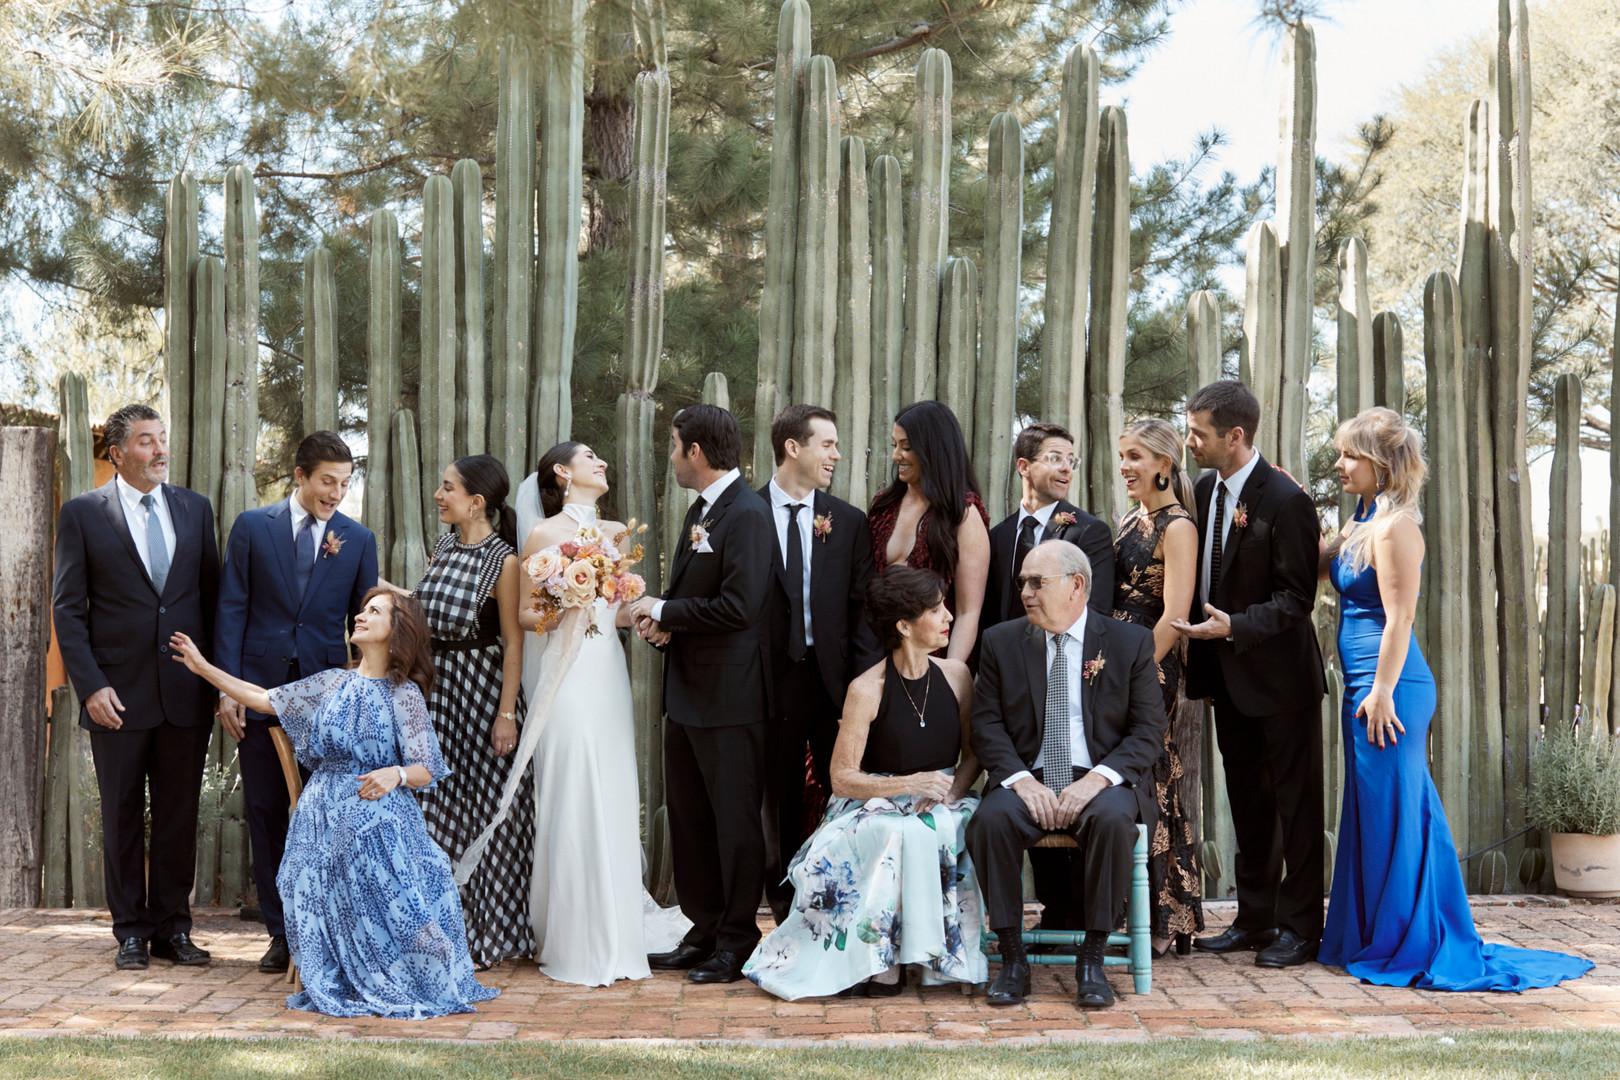 WEDDING_ANDREA_MATT_2019.5DM44944.jpg